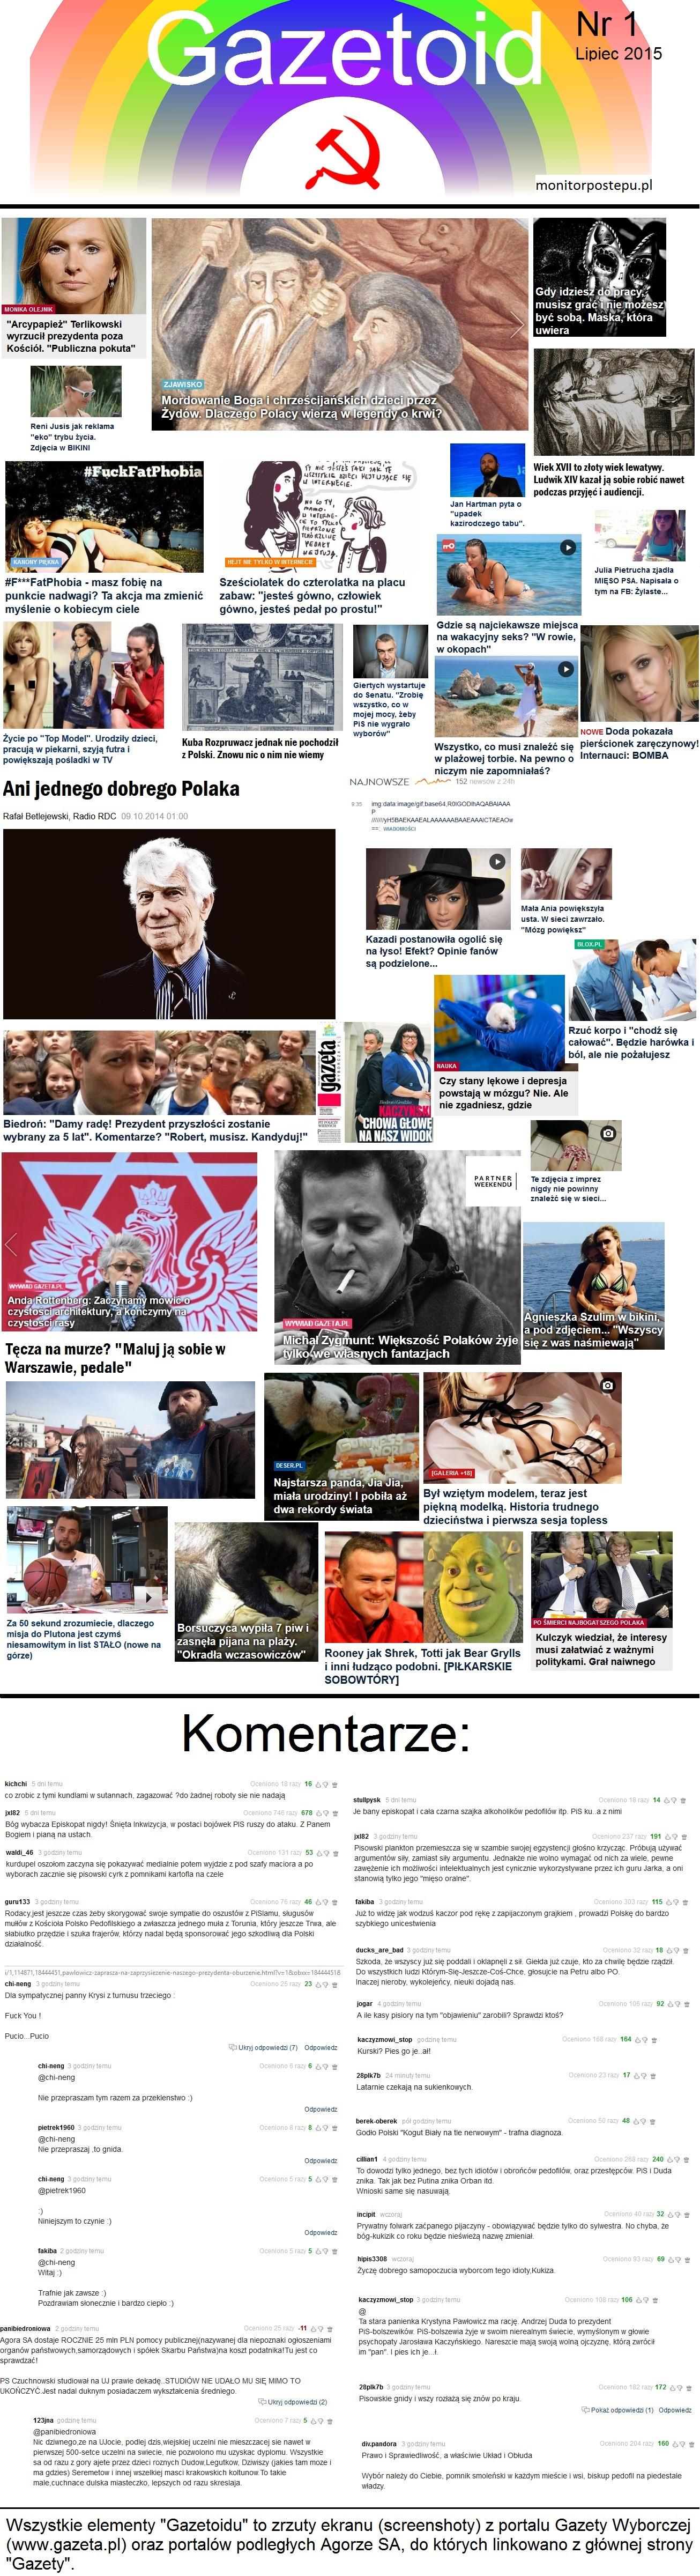 gazetoid_nr_1